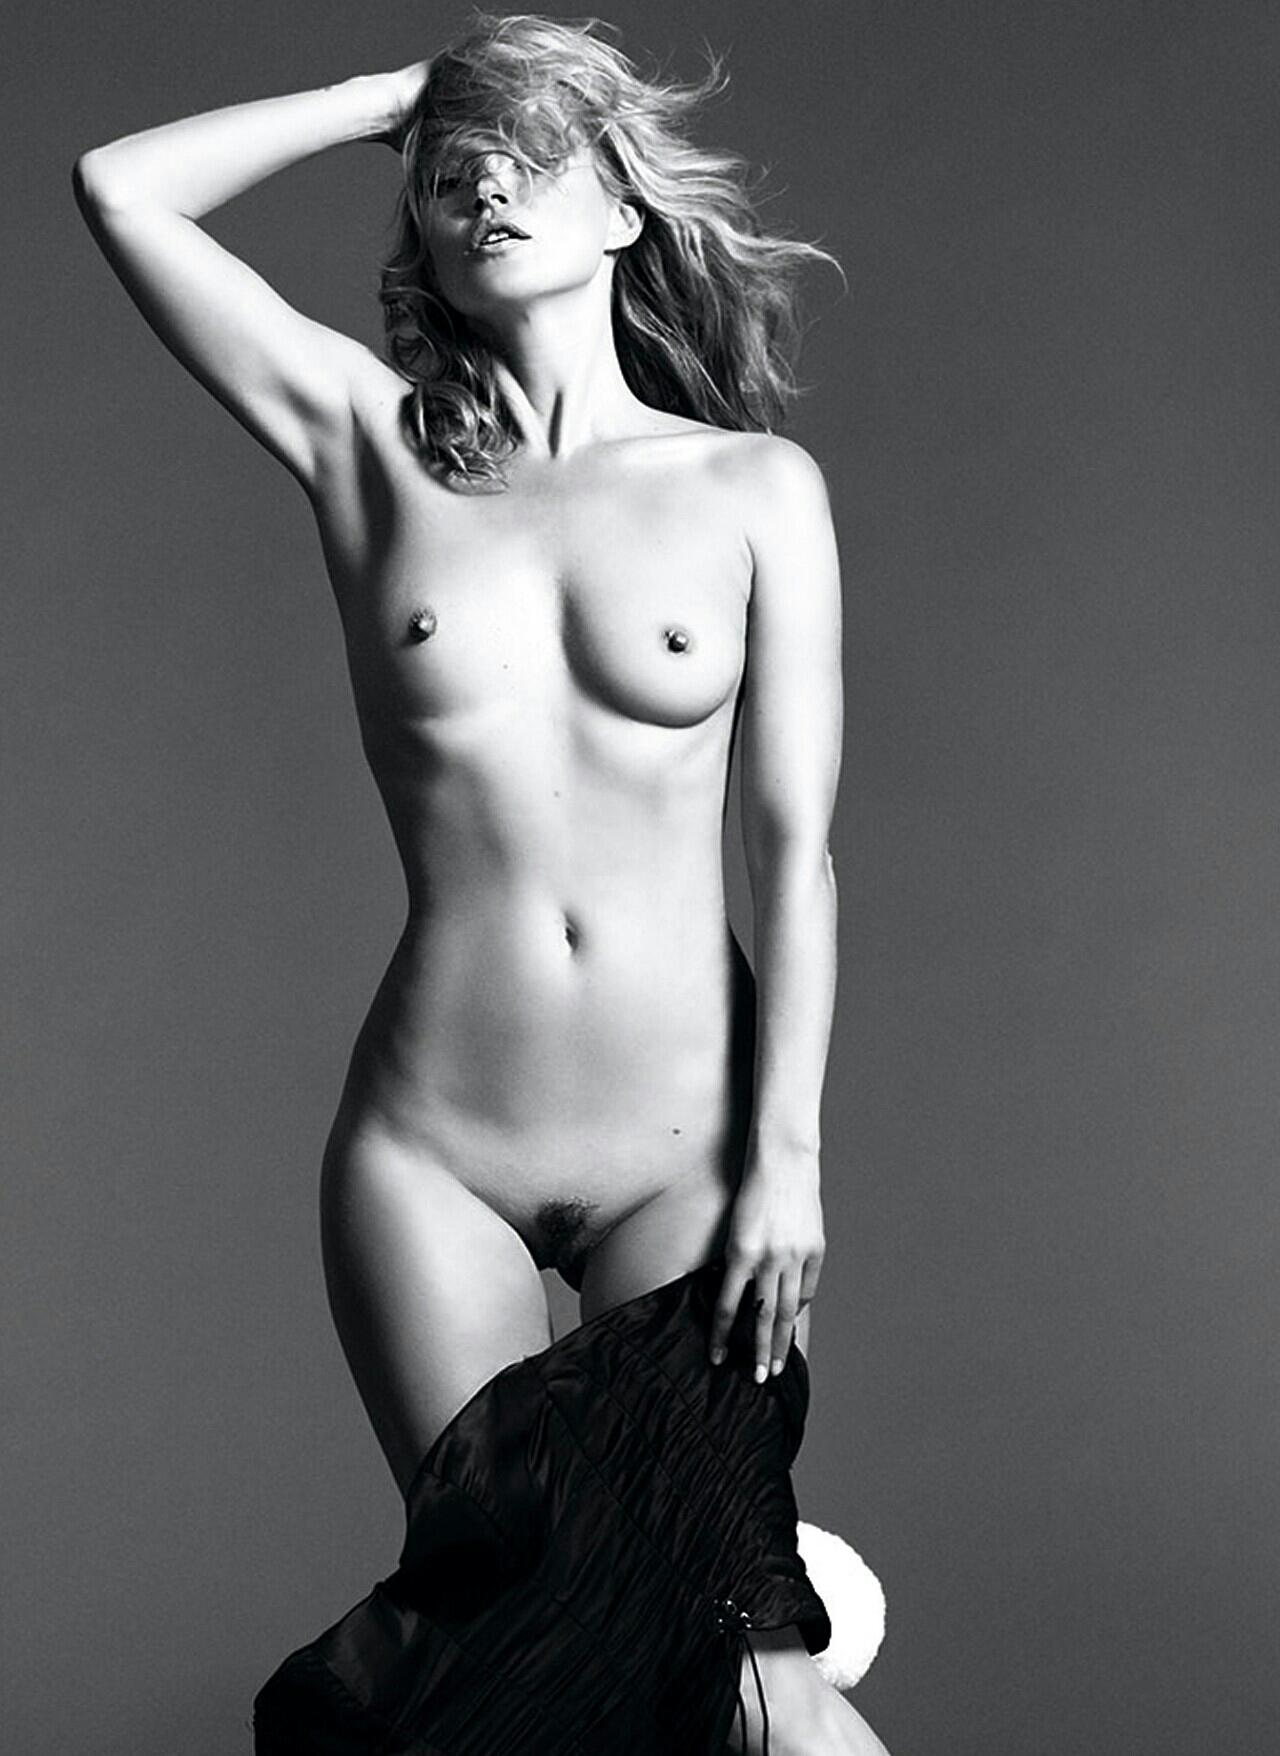 Kate Moss nackt: P wie Playboy, Pete, oder